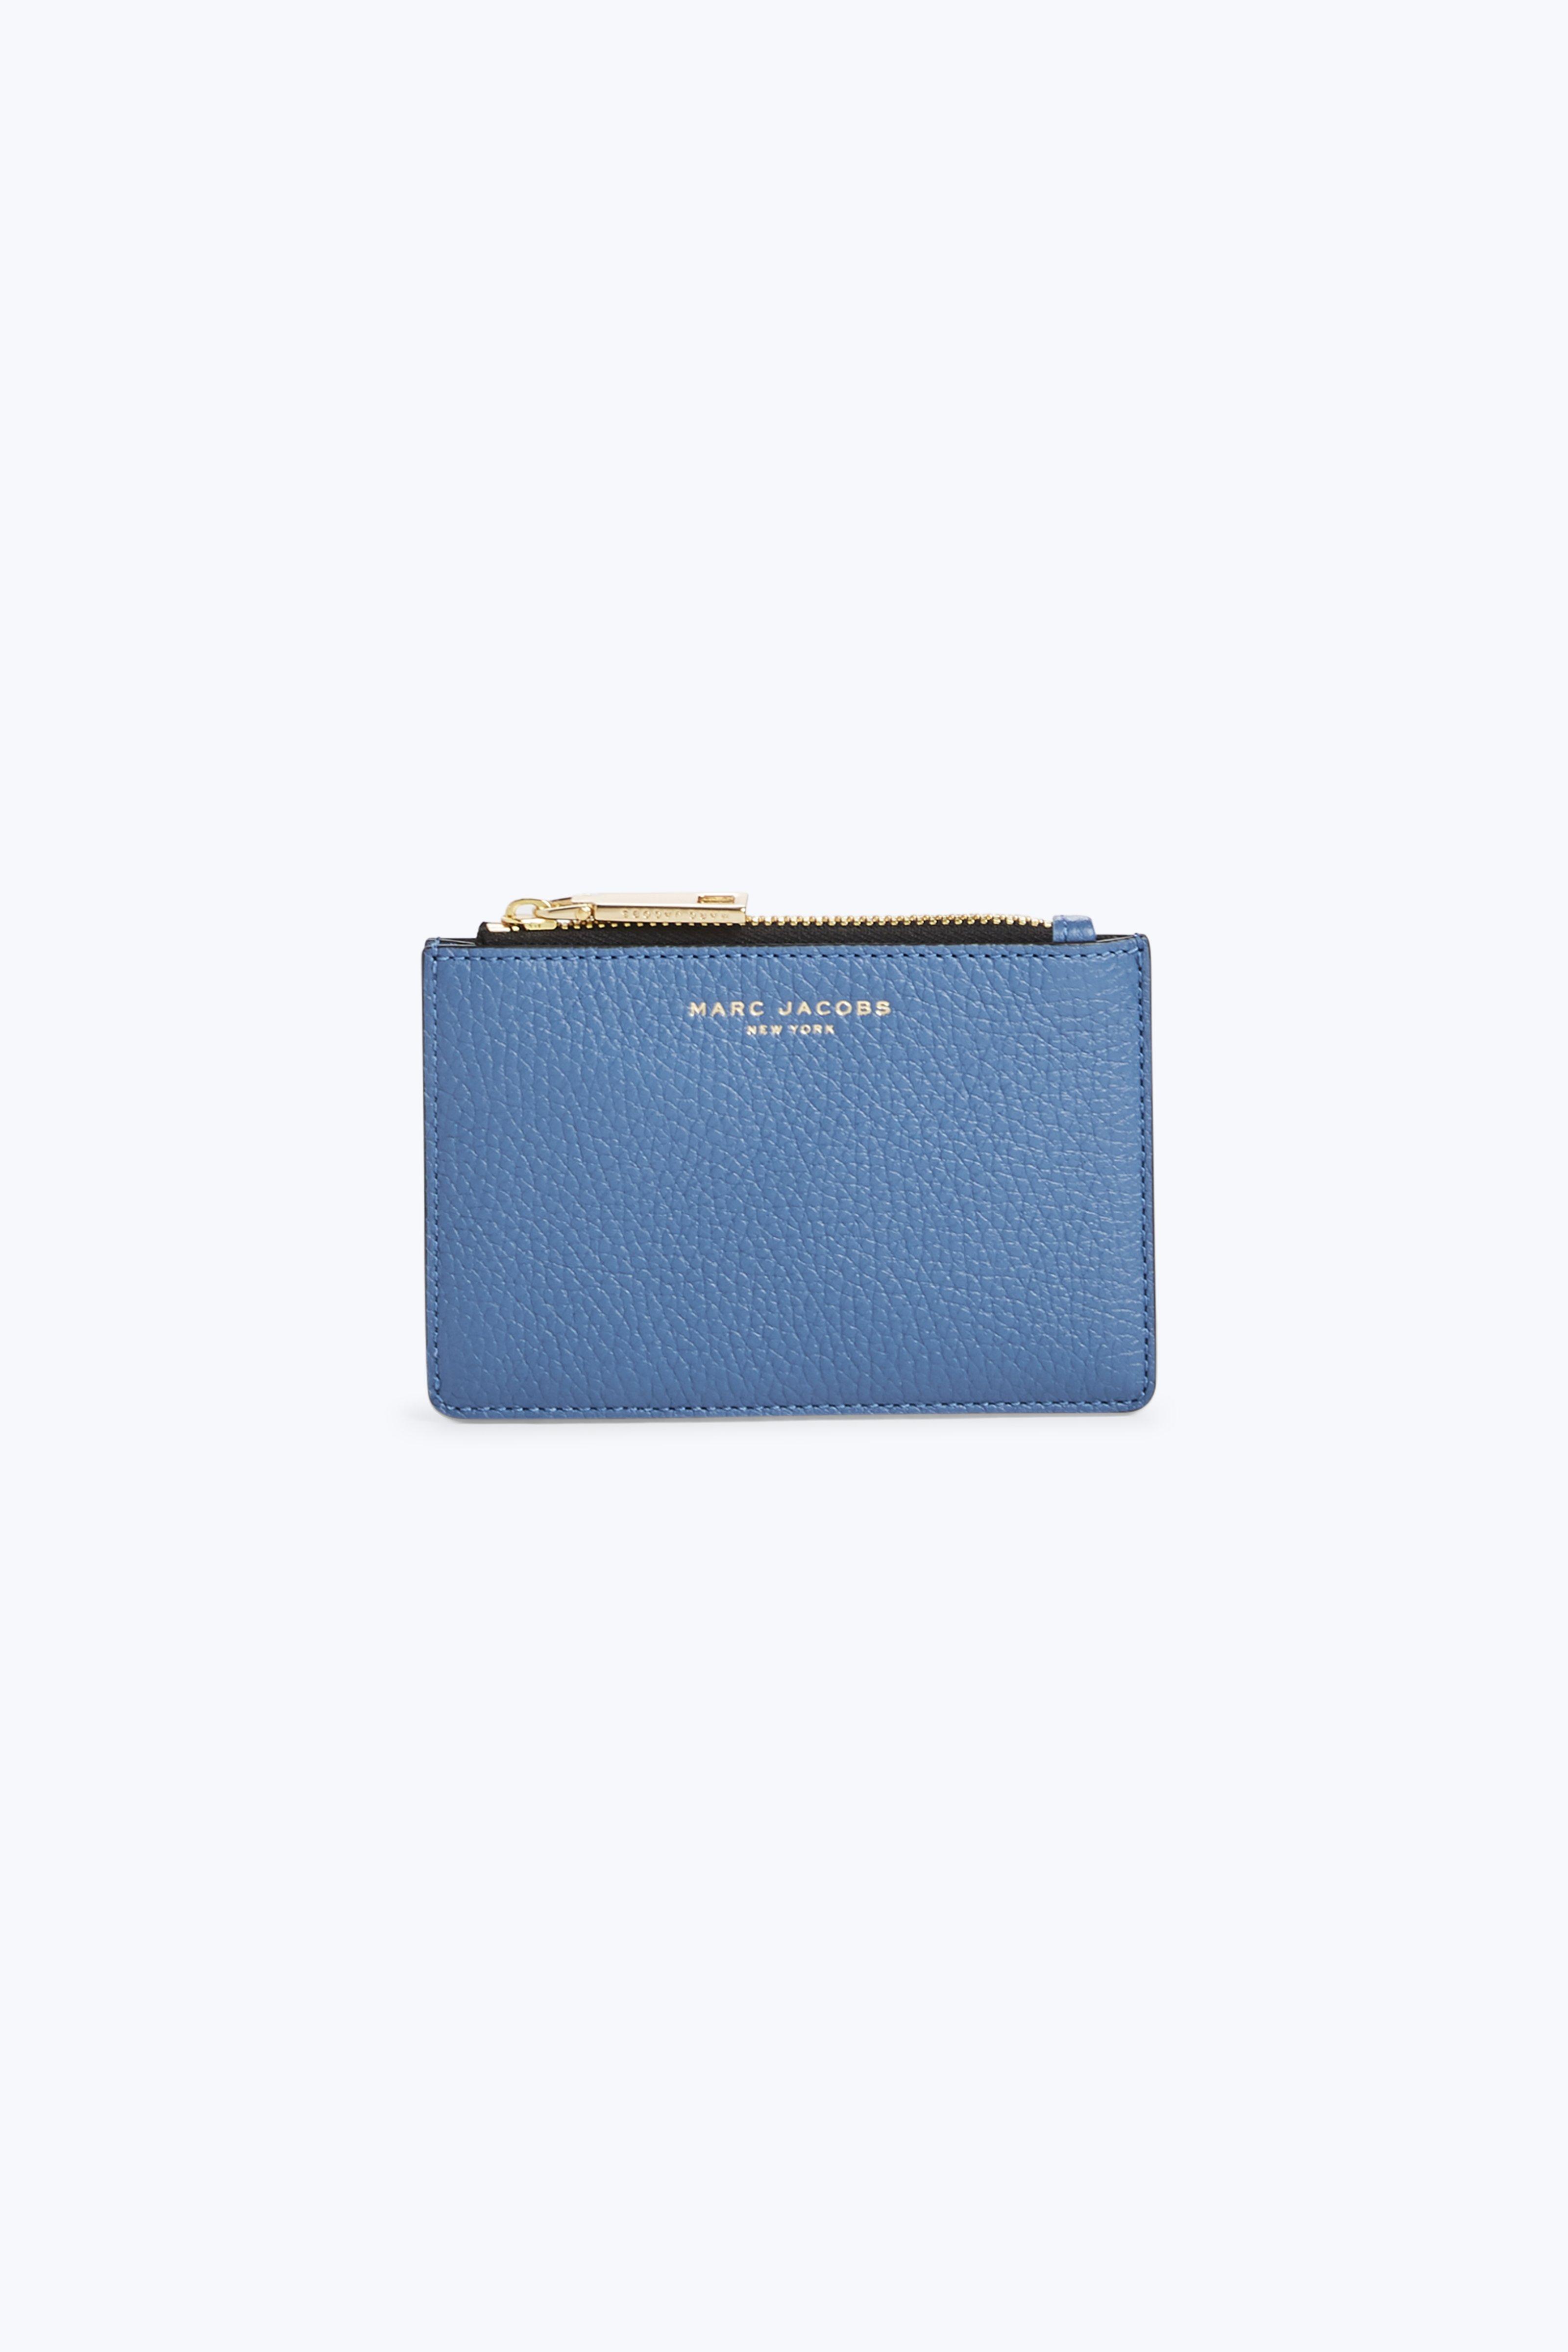 Marc Jacobs Gotham Top Zip Multi Wallet In Vintage Blue